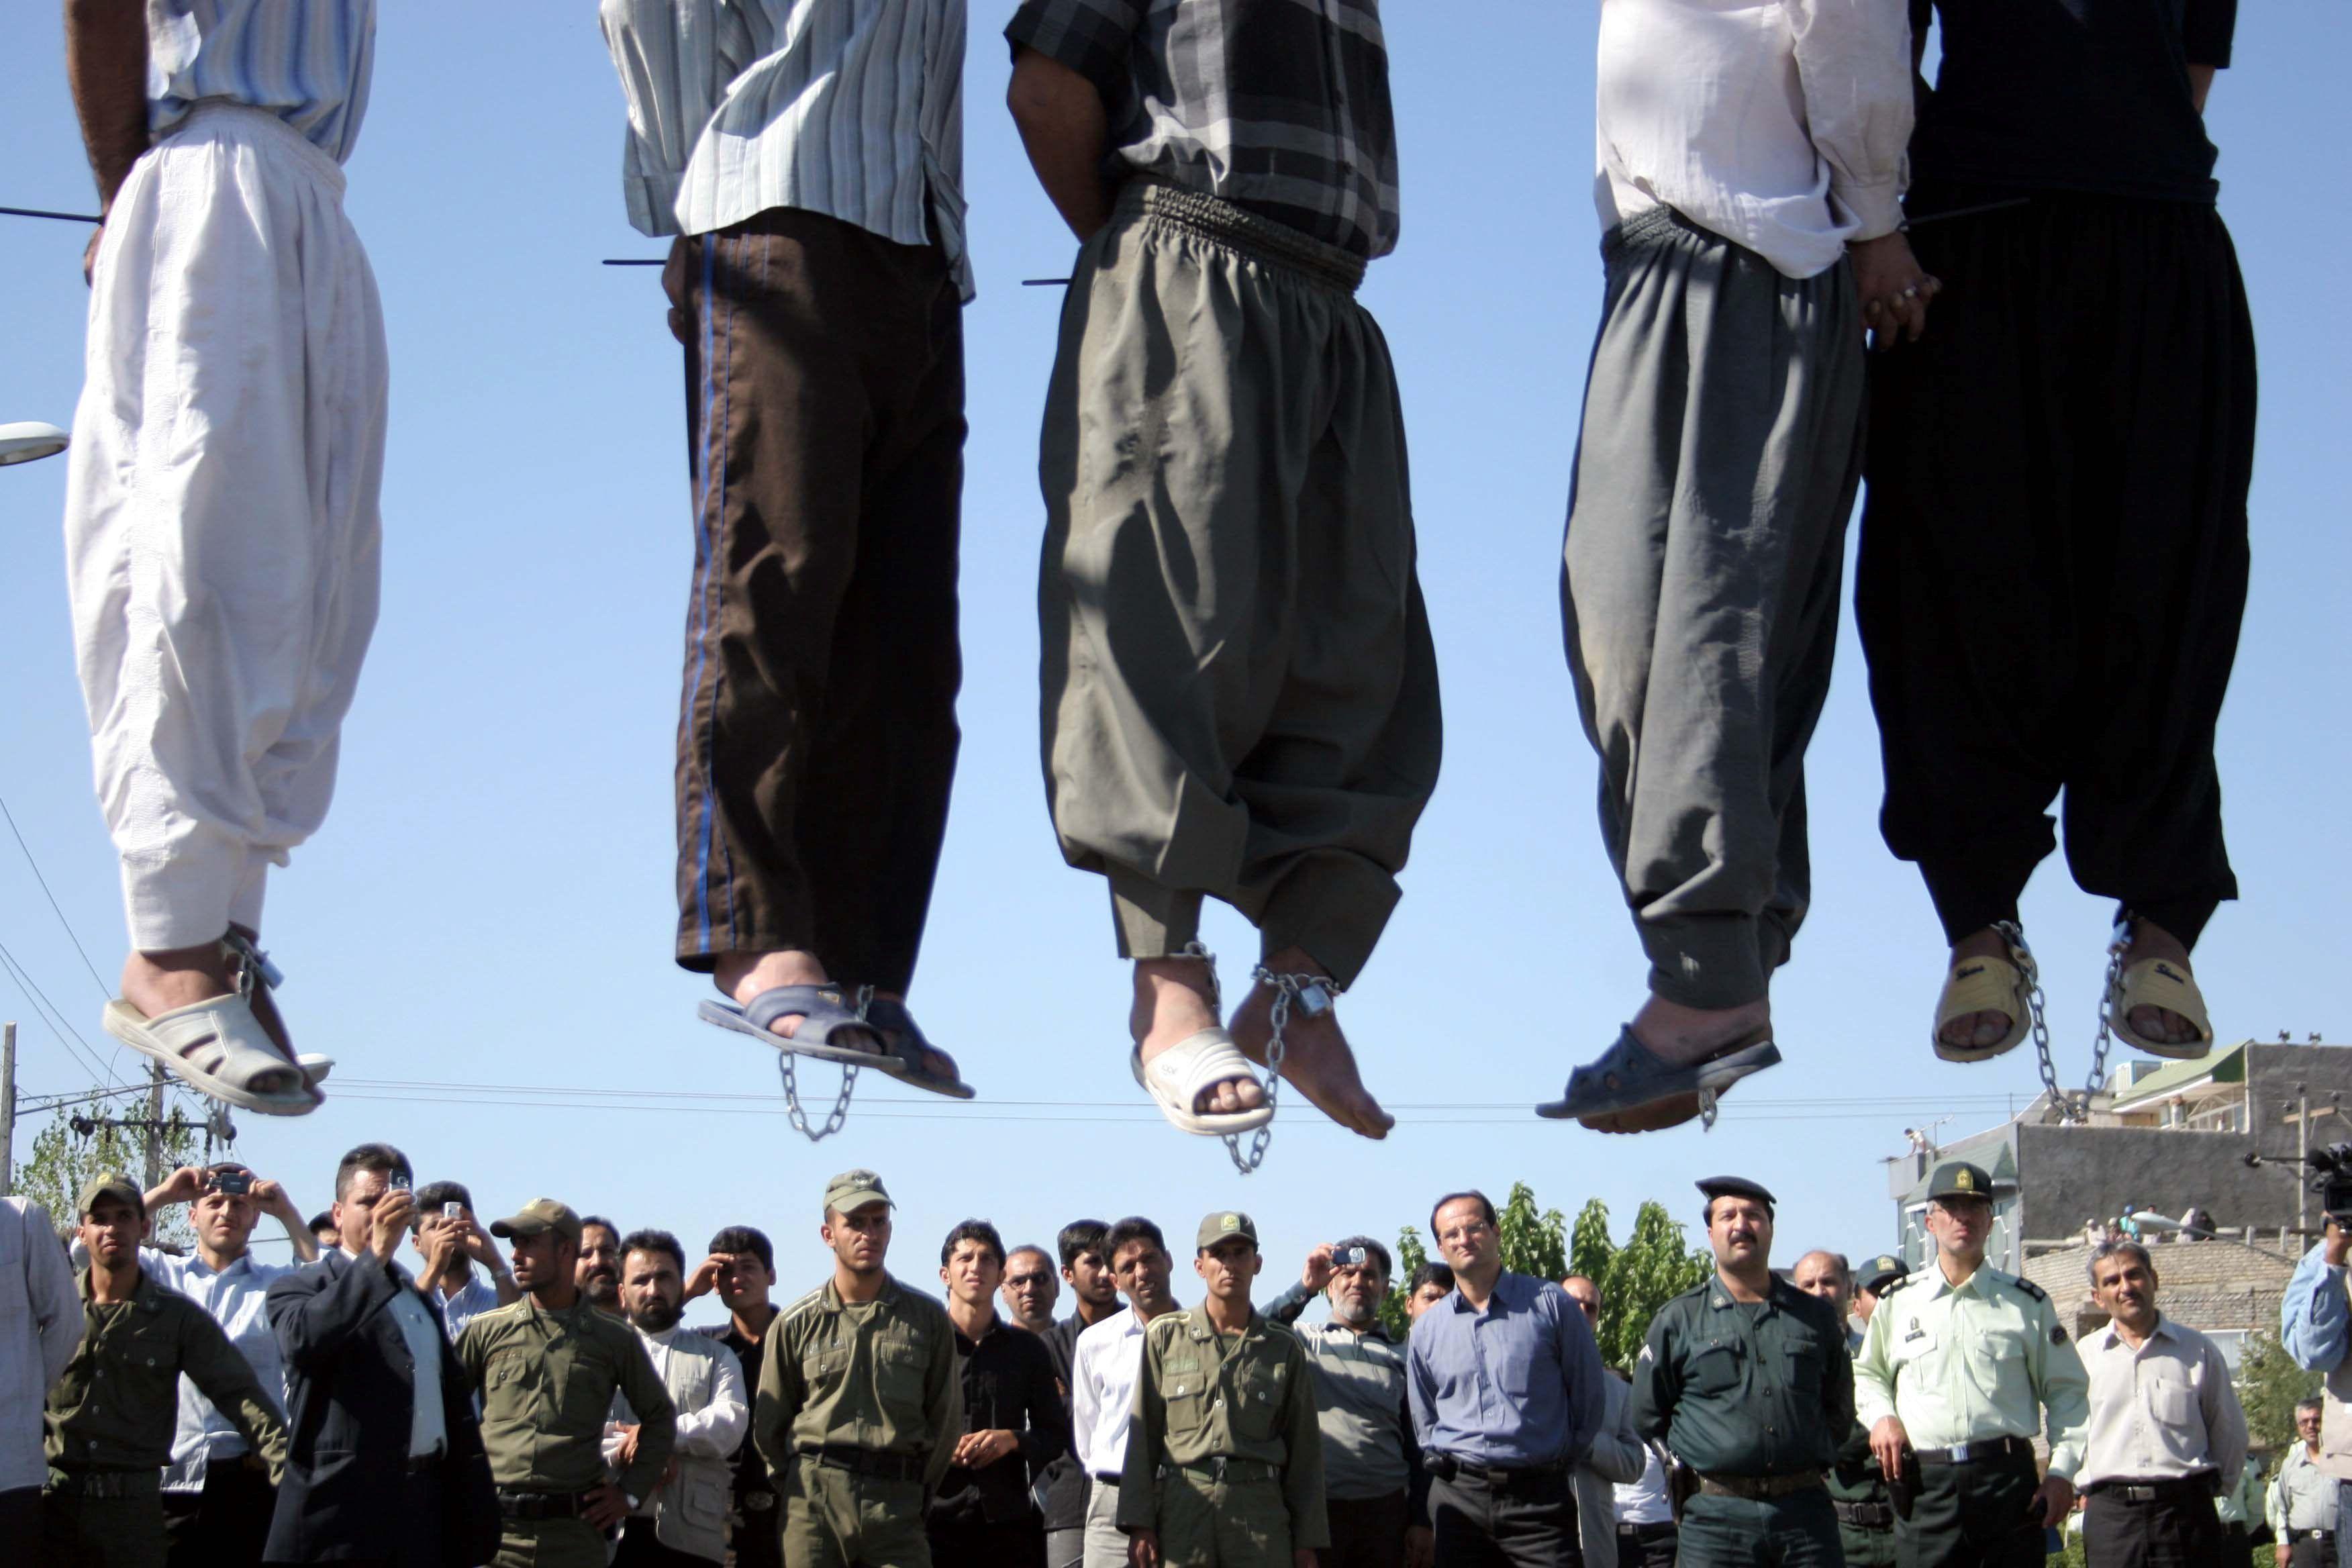 #ملالي_إيران يُعدمون 120 ألفاً منهم 4 آلاف دفعة واحدة.. هذا إنجازهم!